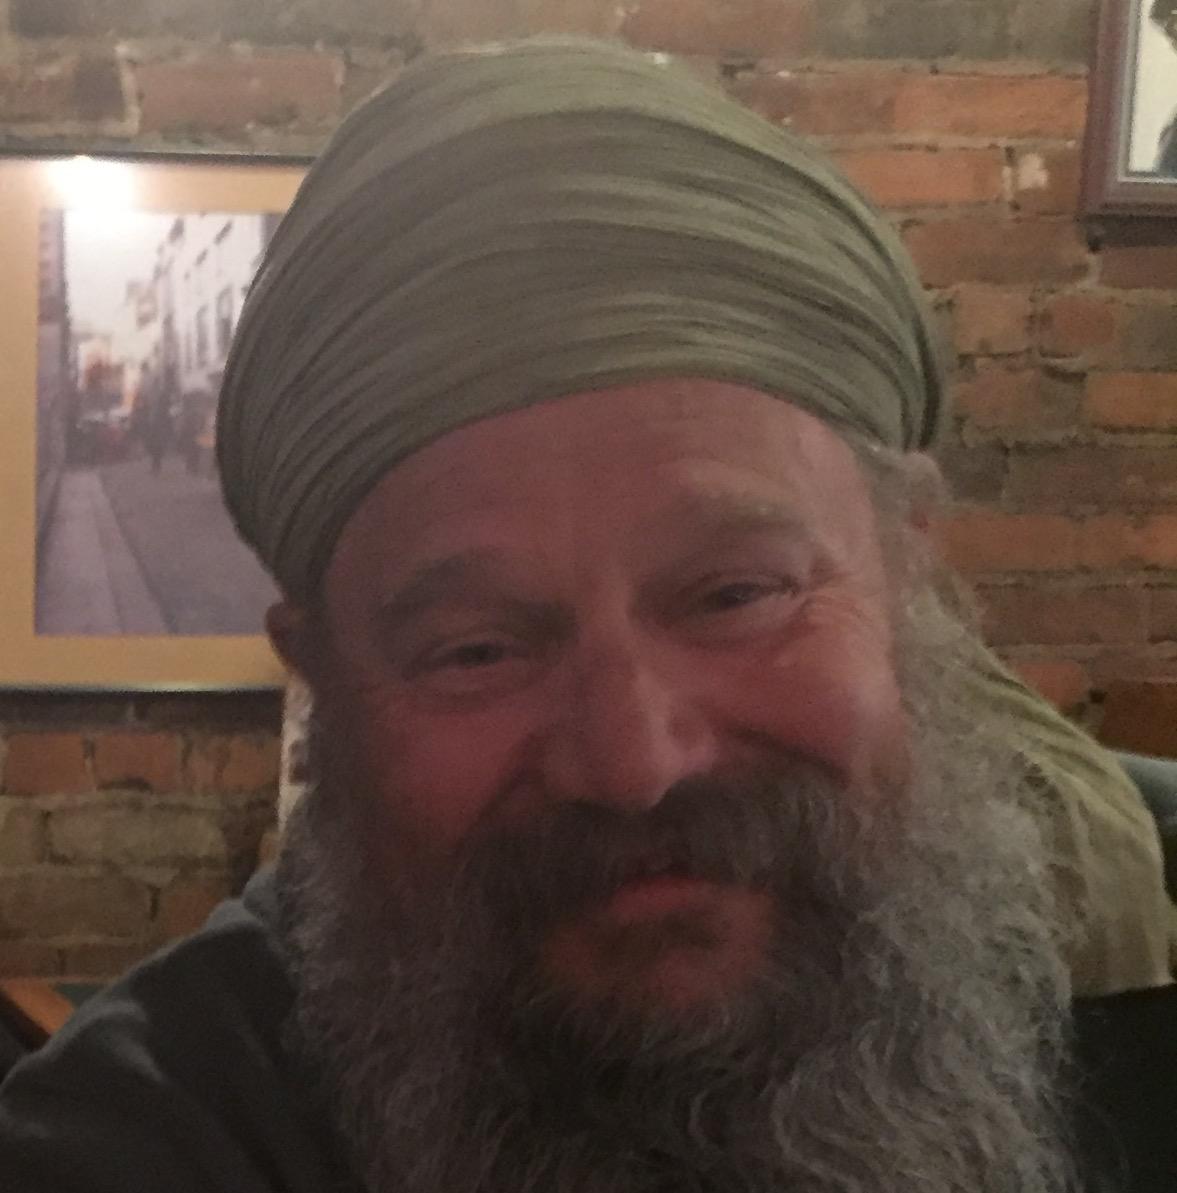 Siri Khalsa